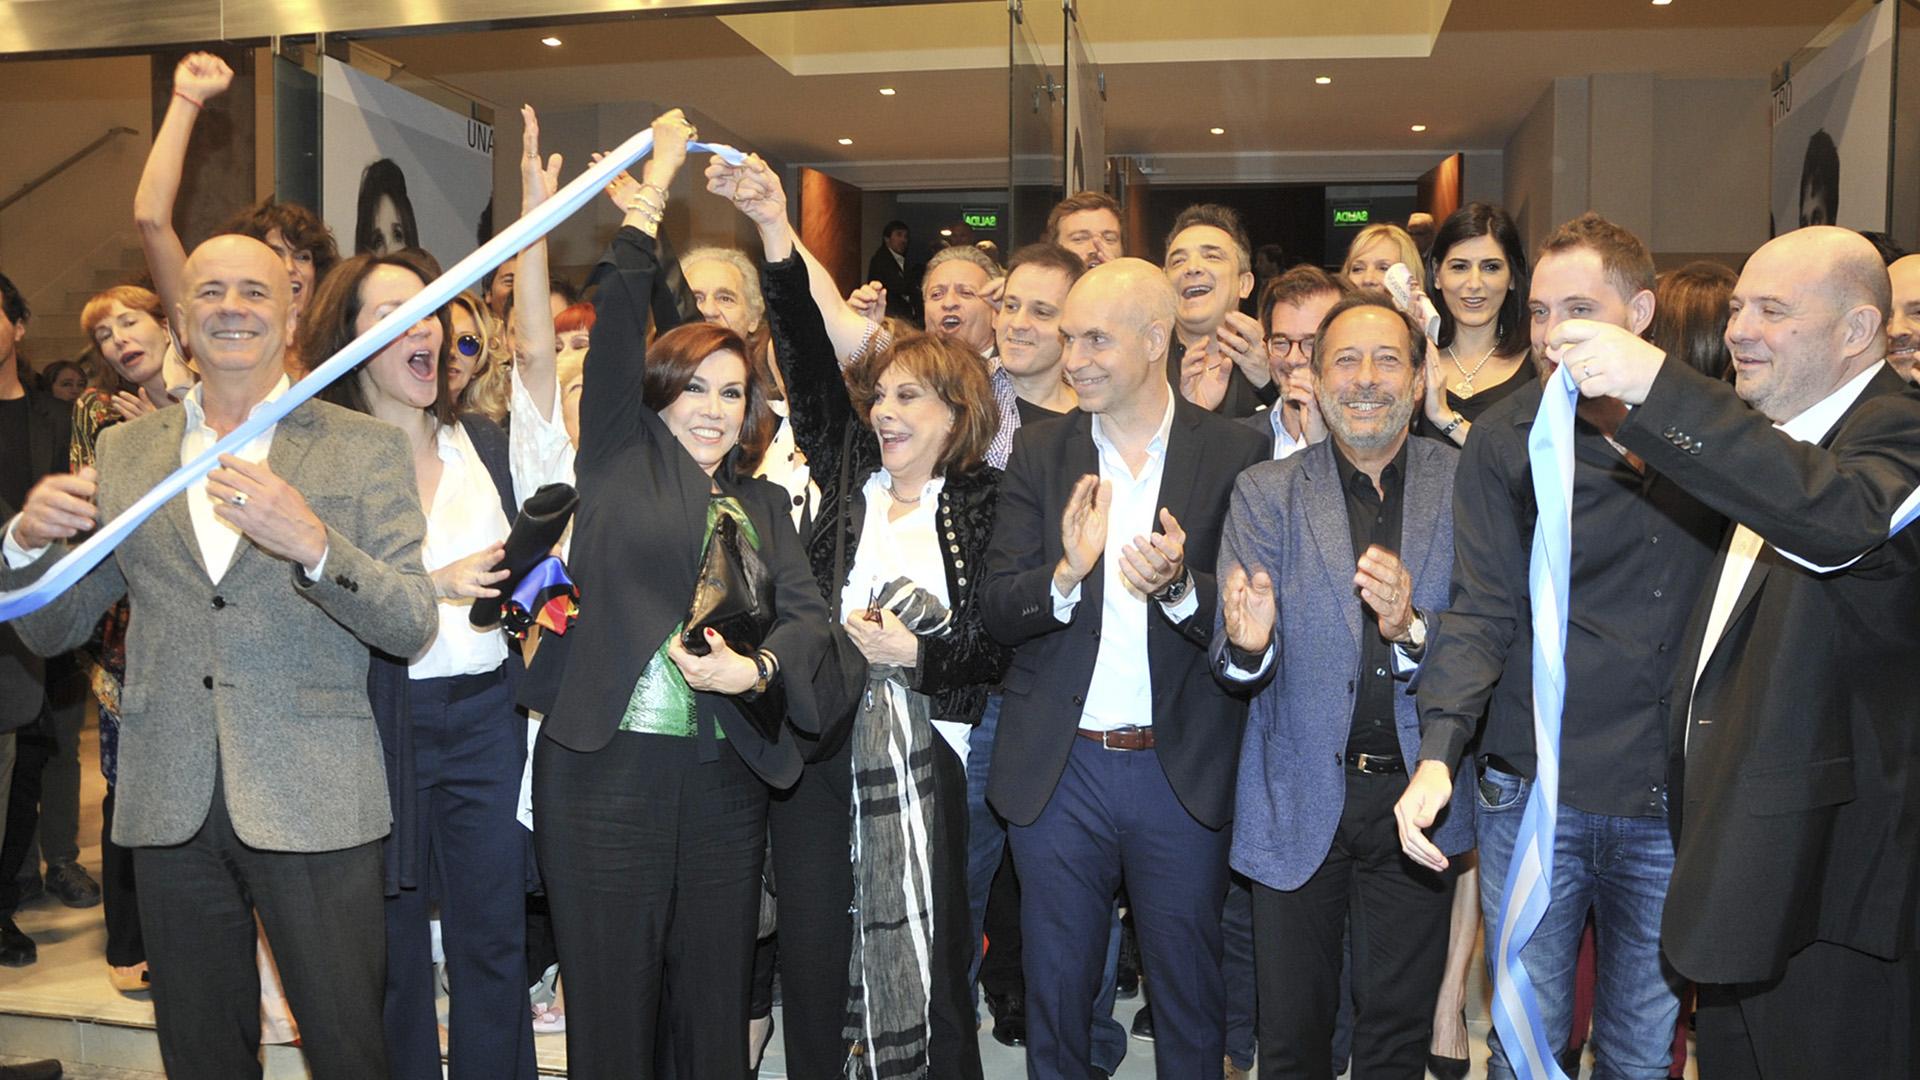 El corte simbólico de la cinta, con grandes artistas y la presencia del jefe de Gobierno, Horacio Rodríguez Larreta (Crédito de Fotos: Teleshow)